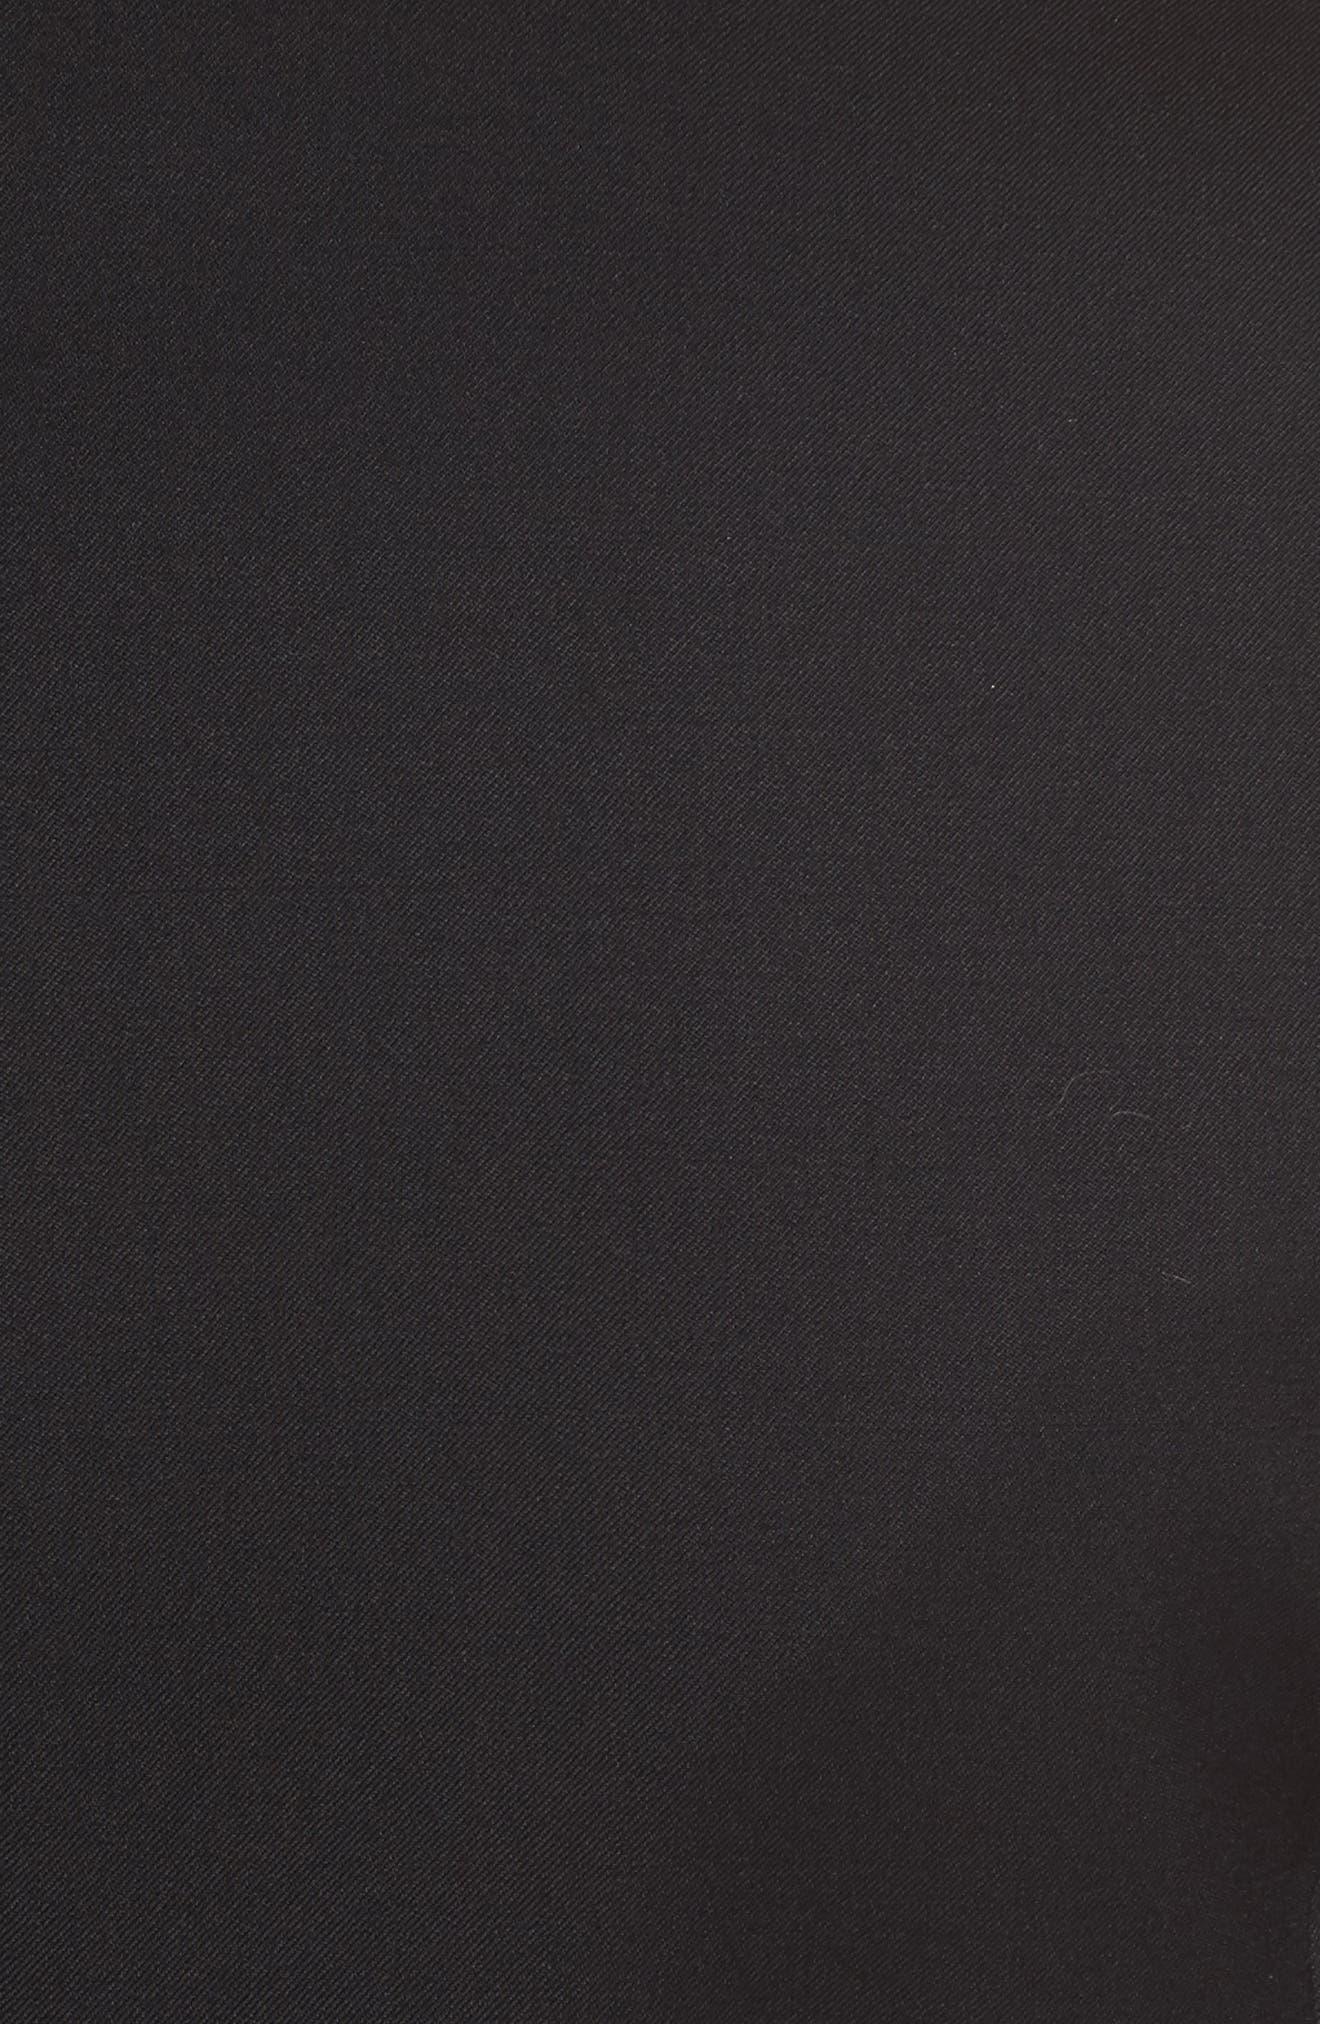 Tuxedo Detail Wool Suit Jacket,                             Alternate thumbnail 6, color,                             001